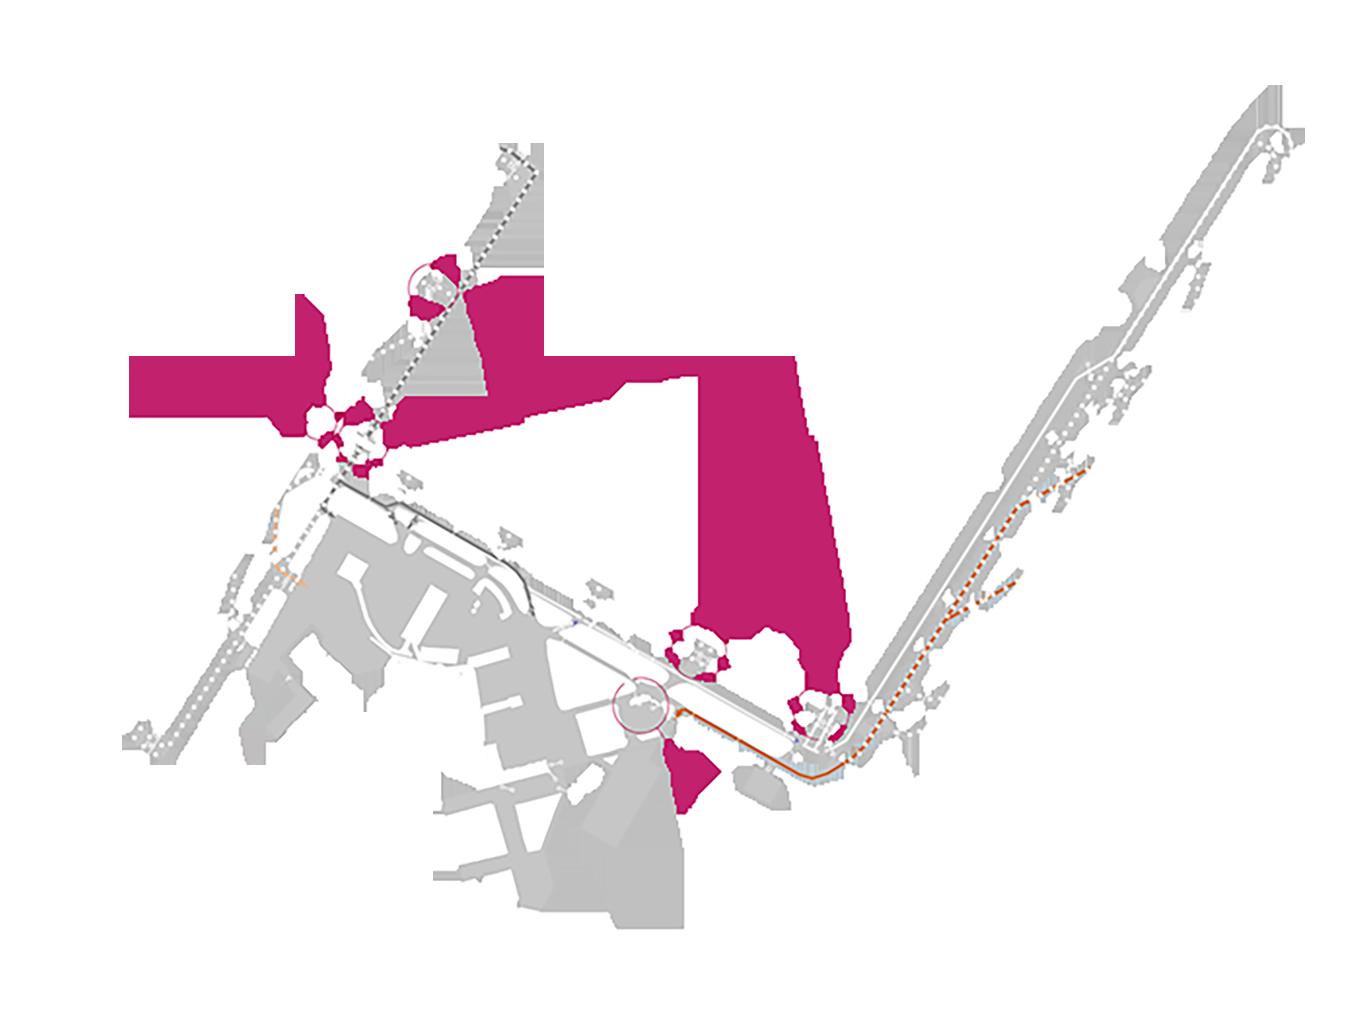 mappa romafiumi